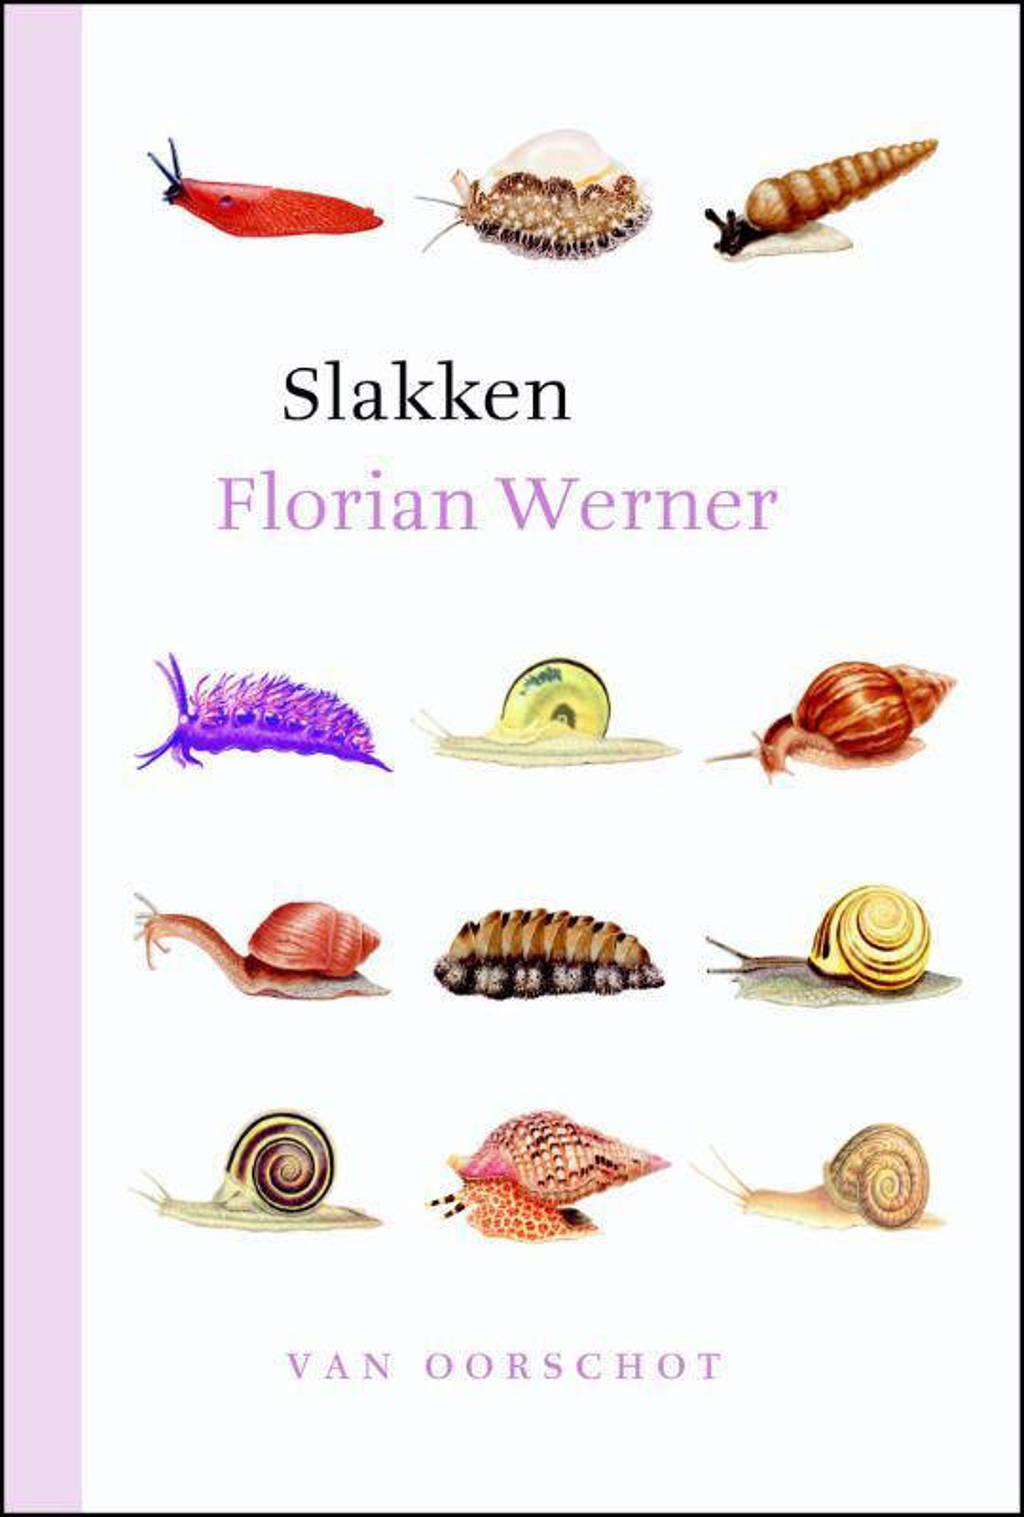 Slakken - Florian Werner